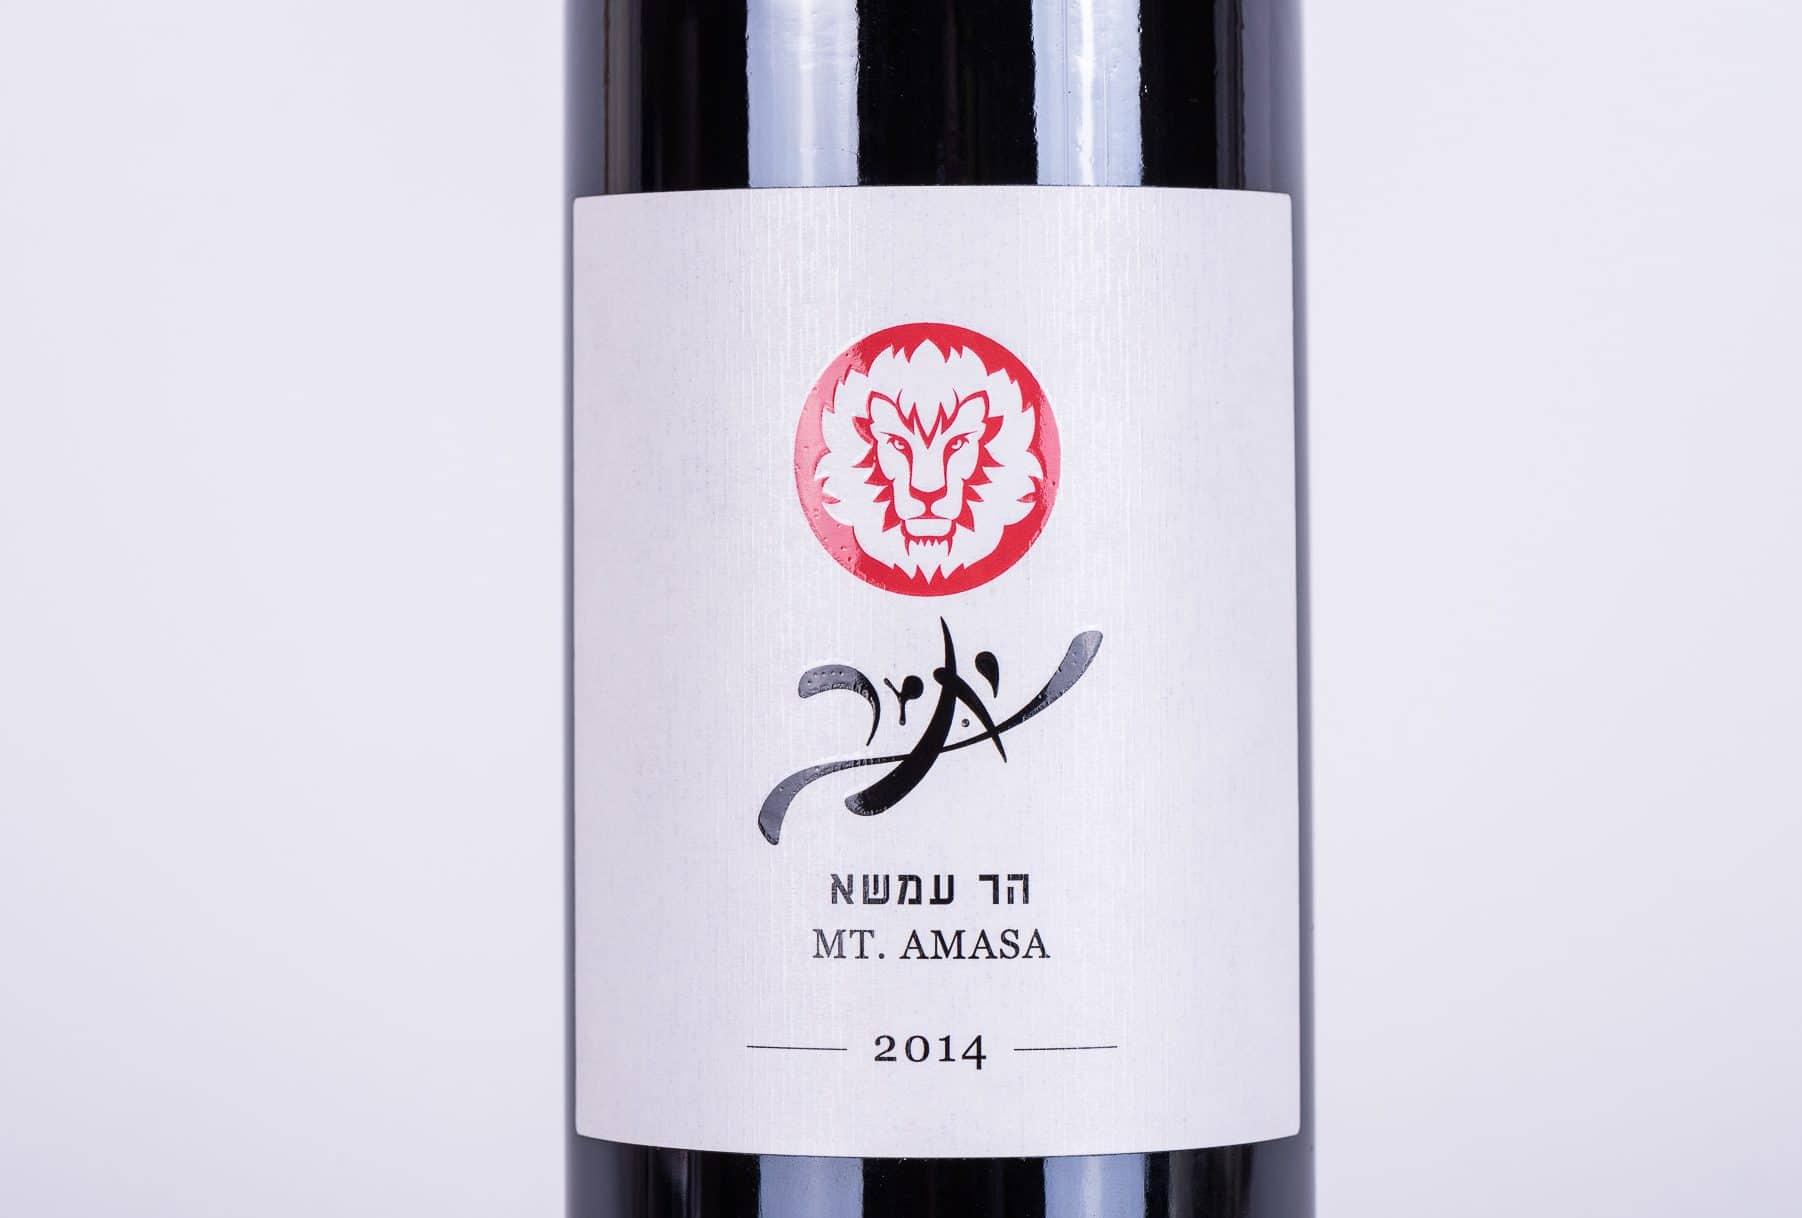 תוויות יין שהודפס ליקב יתיר משנת 2014. על הבקבוק הודפס אריה בצבע אדום. שם היקב הודפס בהבלטה כחלק מהשבחת הדפוס. הדפסת תוויות יכולה להתבצע בשיטה דפוס דיגיטלי או דפוס אופסט. ניתן לייצר תוצרים זהים גם לבקבוקי אלכוהול אחרים כמו בירה וגם למוצרי מזון